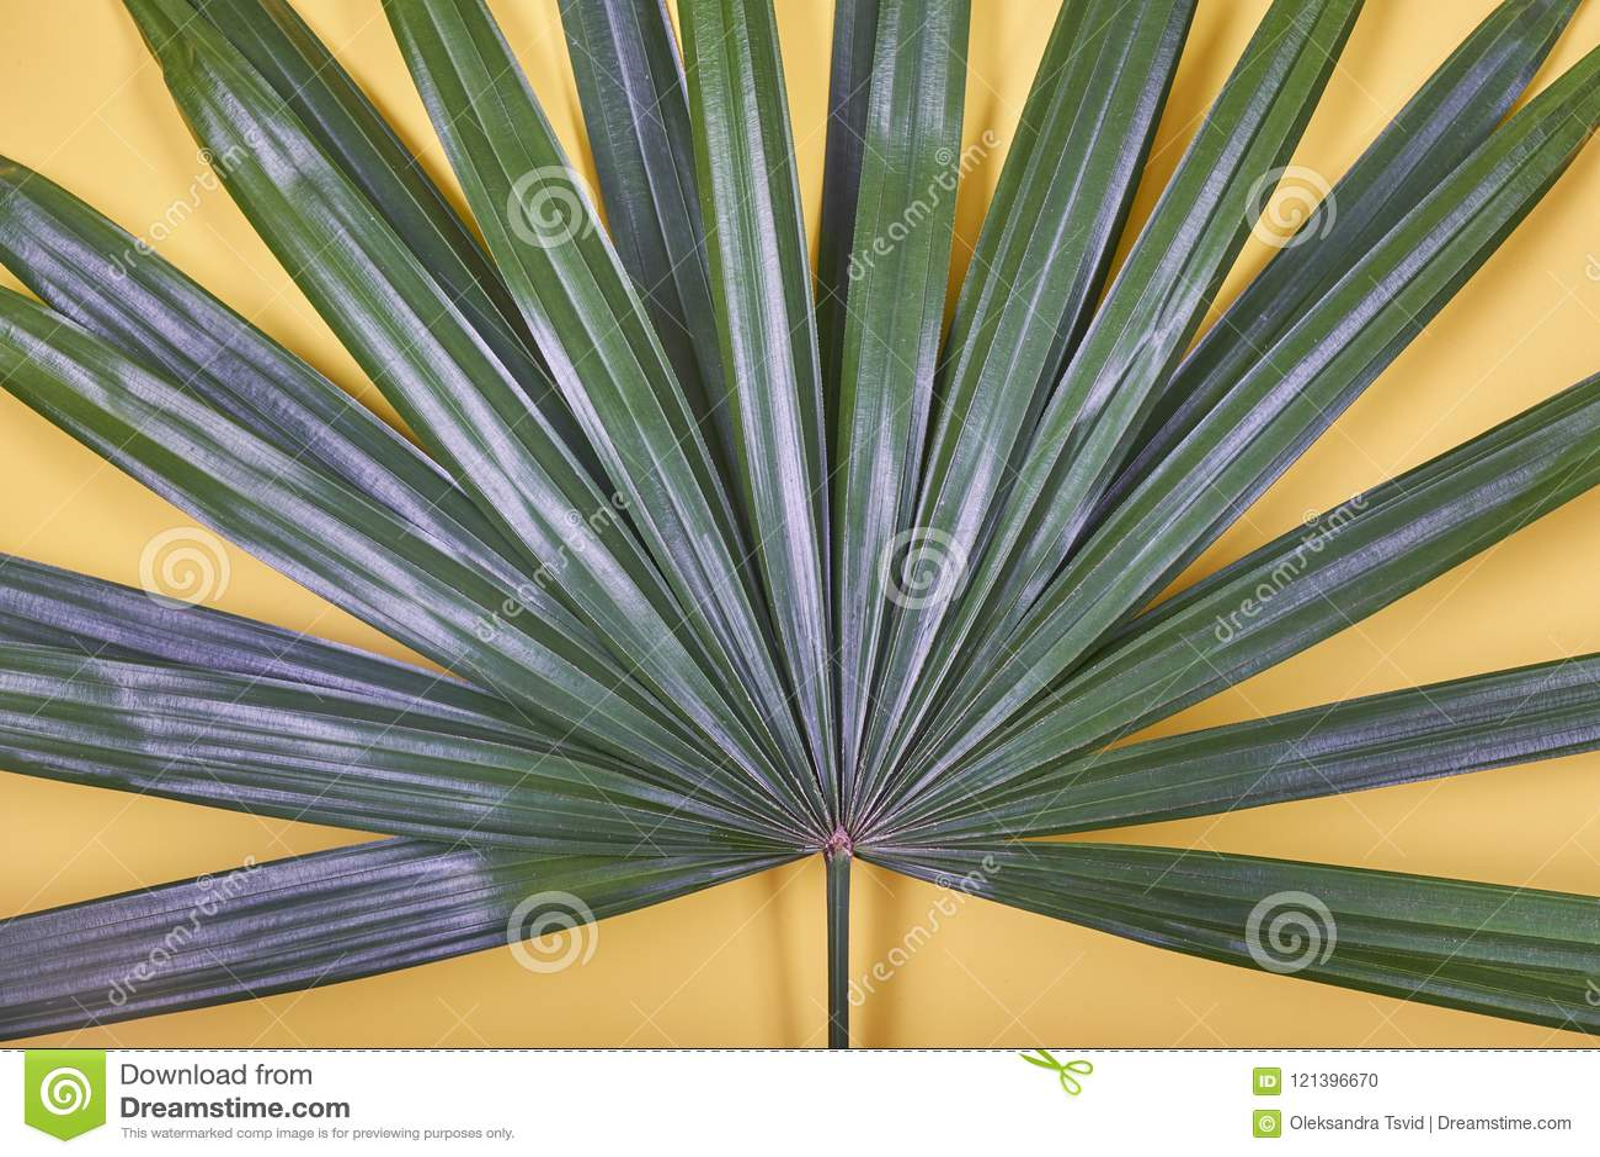 Tropisches Palmblatt auf gelbem Pastellhintergrund